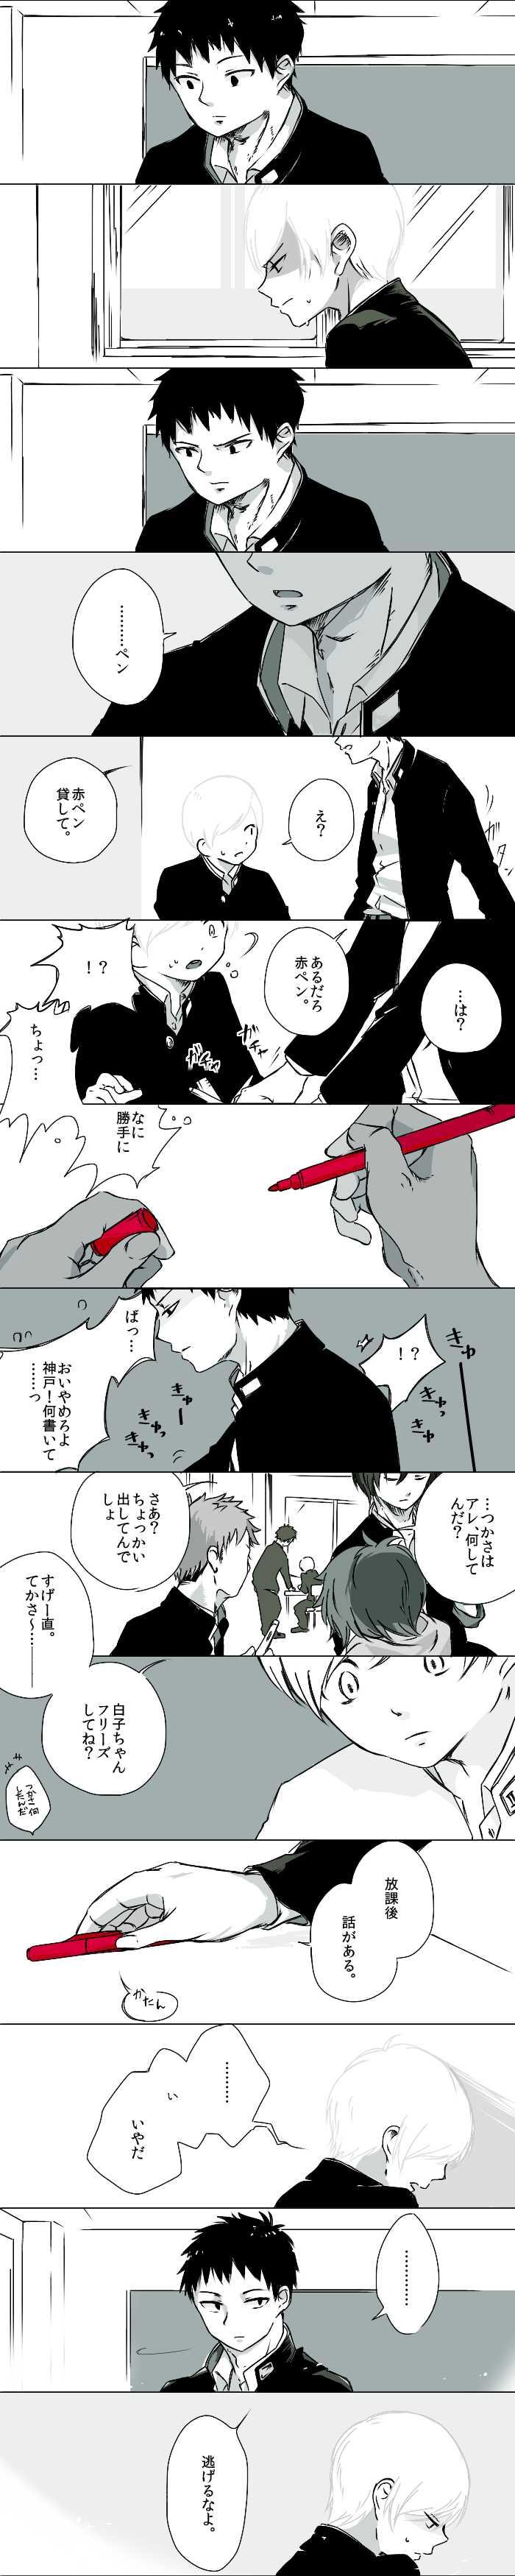 07. 消えないペンで